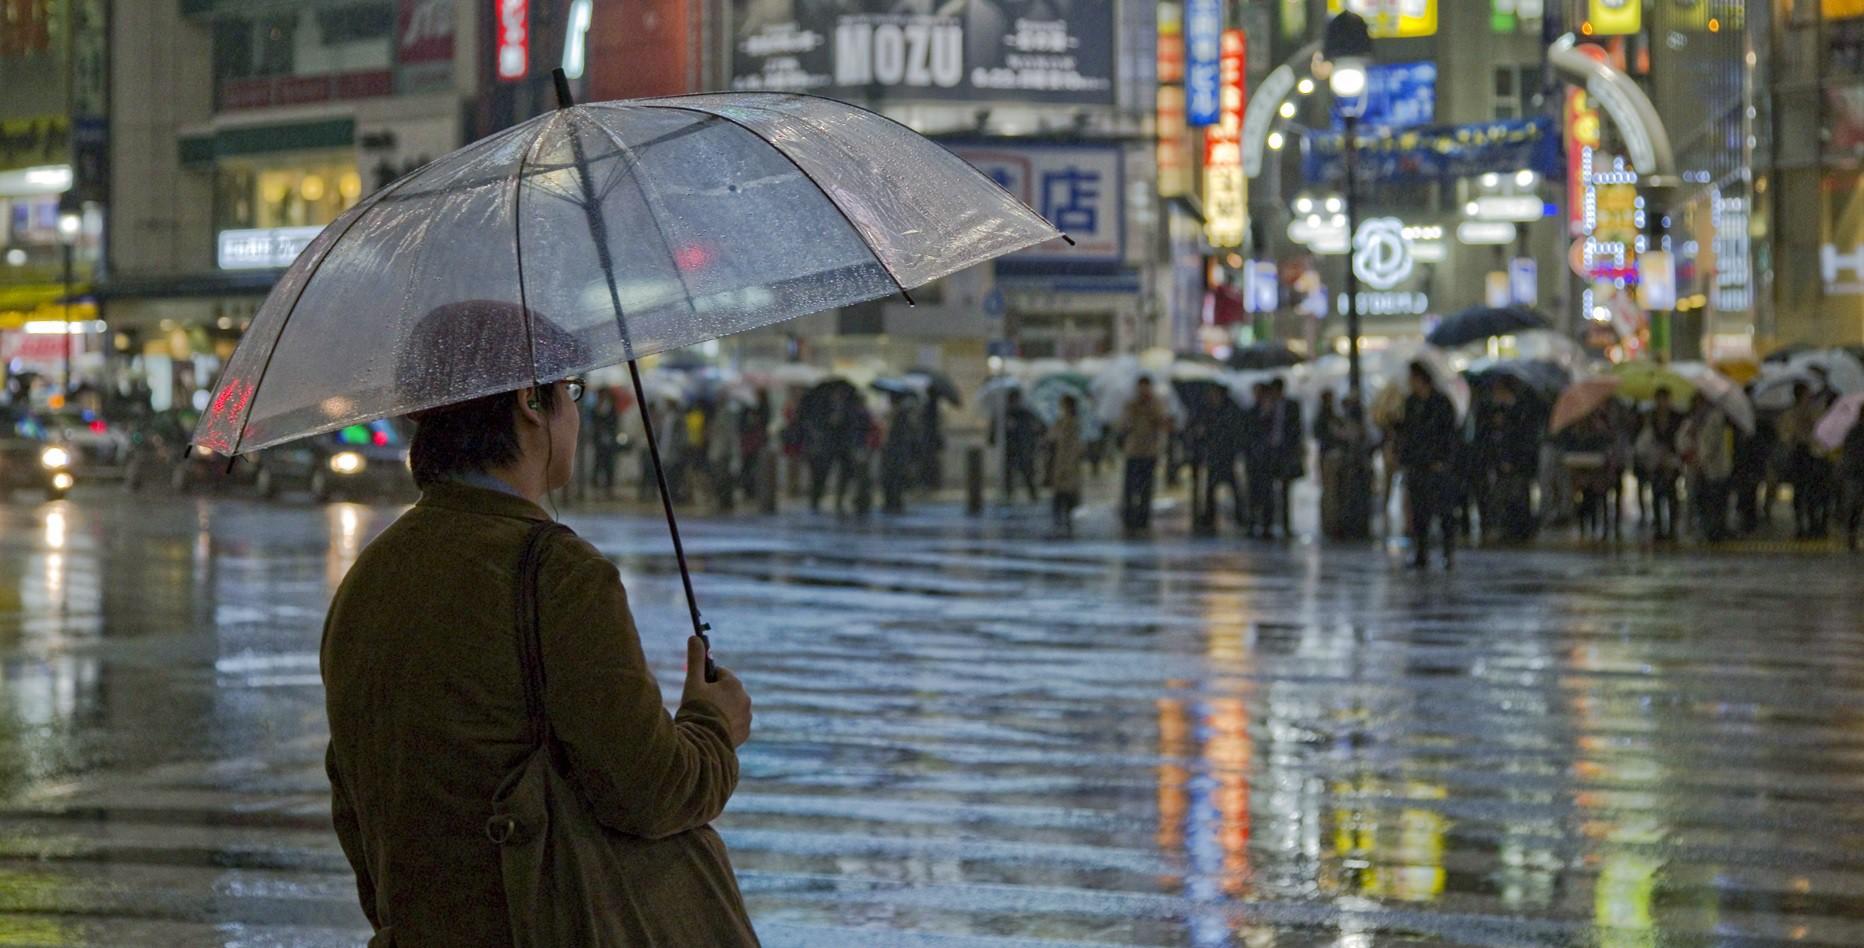 Vì sao những món đồ thất lạc ở Nhật Bản lại có thể tìm về với chủ? Sự trung thực chỉ là 1 trong các lí do - Ảnh 5.